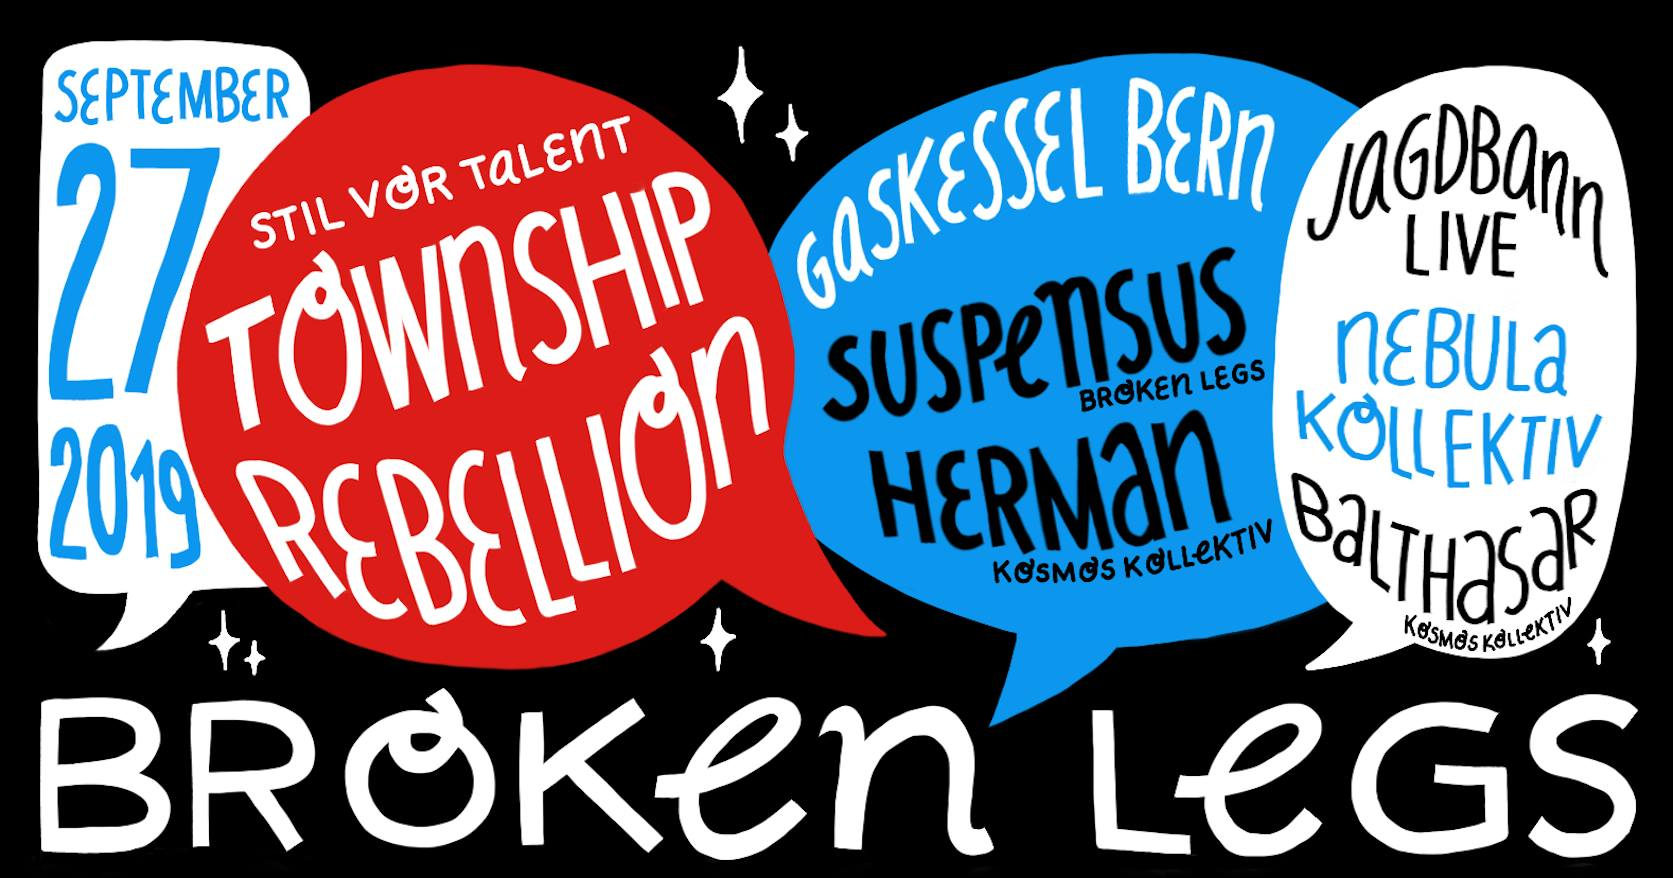 broken-legs-twonship-rebellion